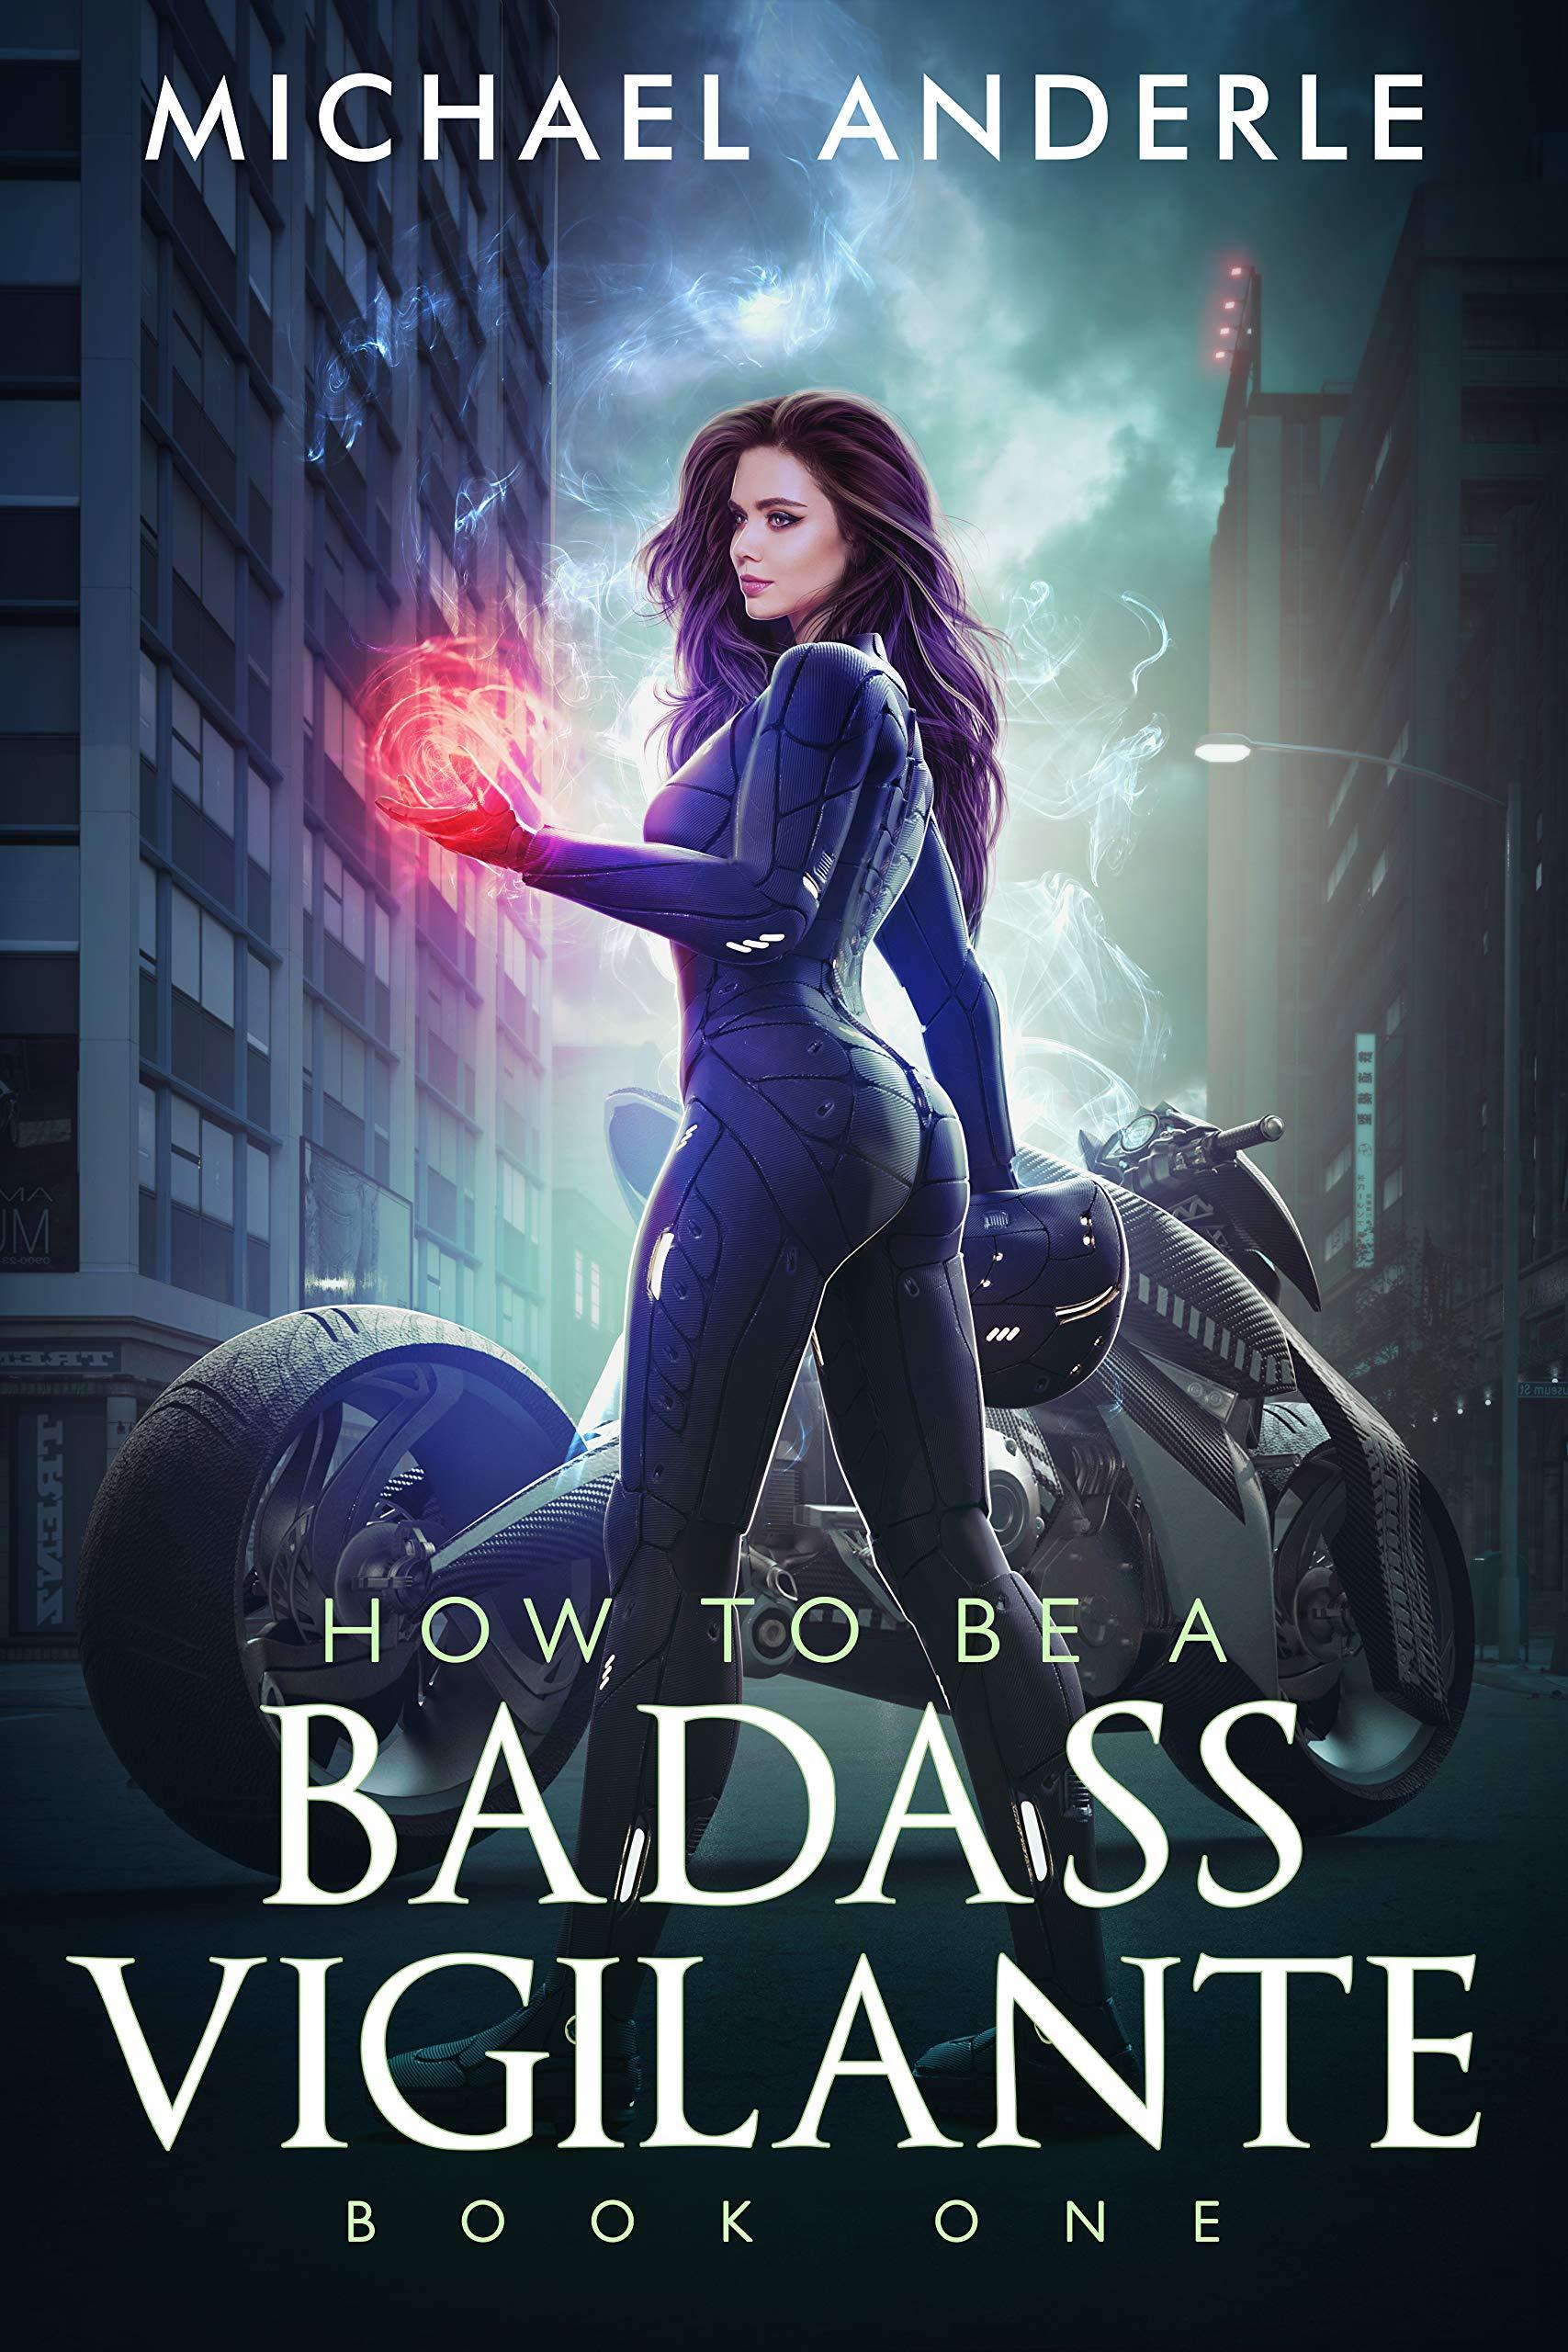 How To Be A Badass Vigilante